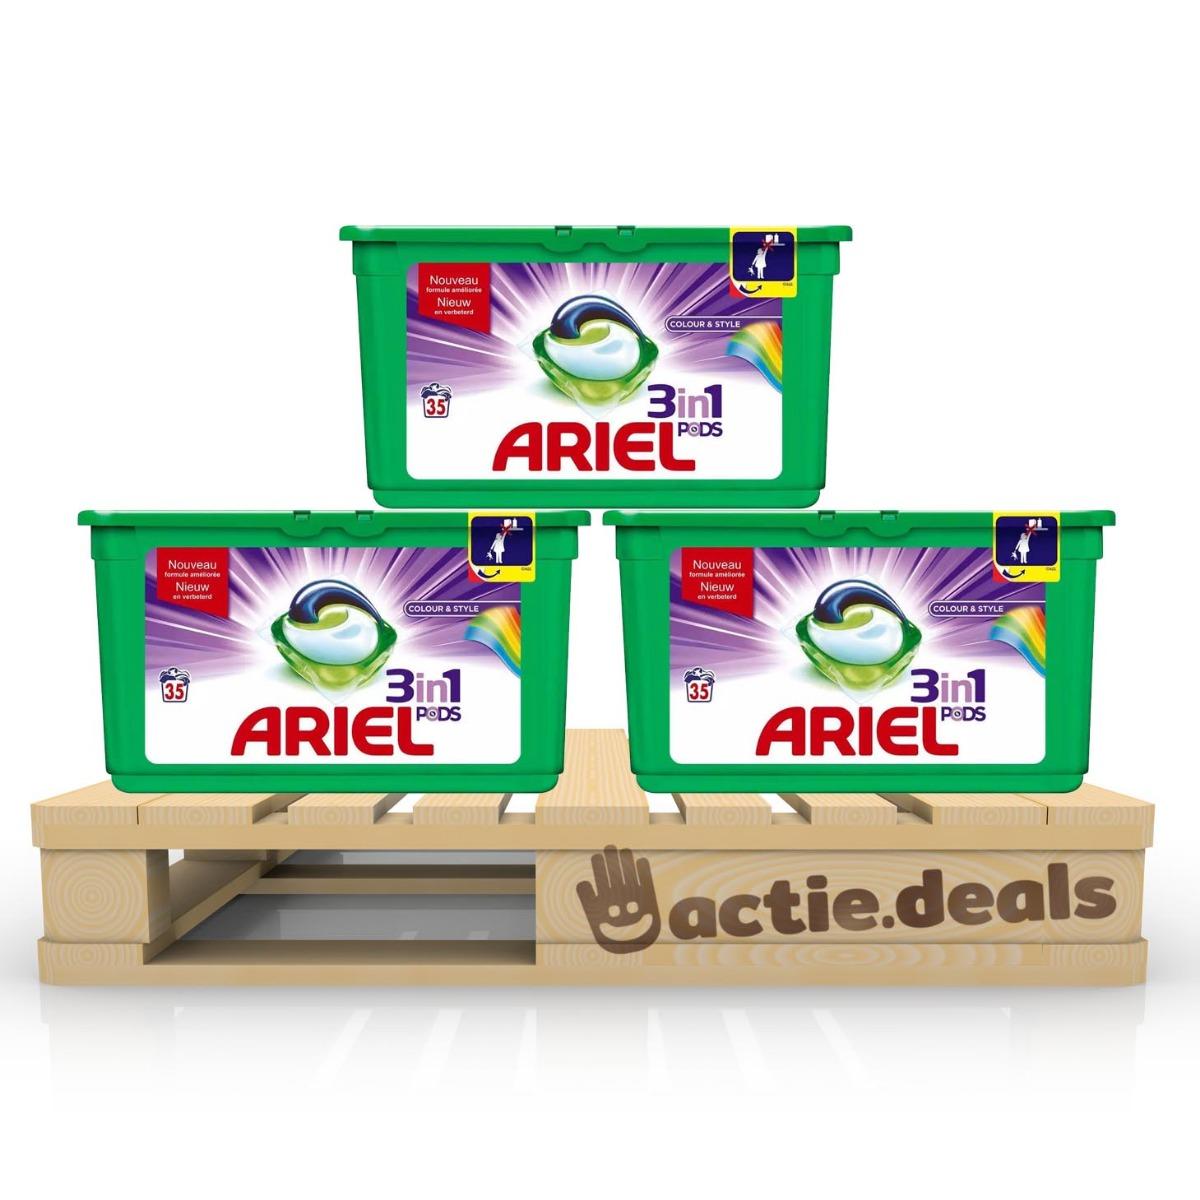 Dagaanbieding - Ariel 3-in-1 Pods Colour en Style - kwartaalbox 105 wasbeurten dagelijkse koopjes